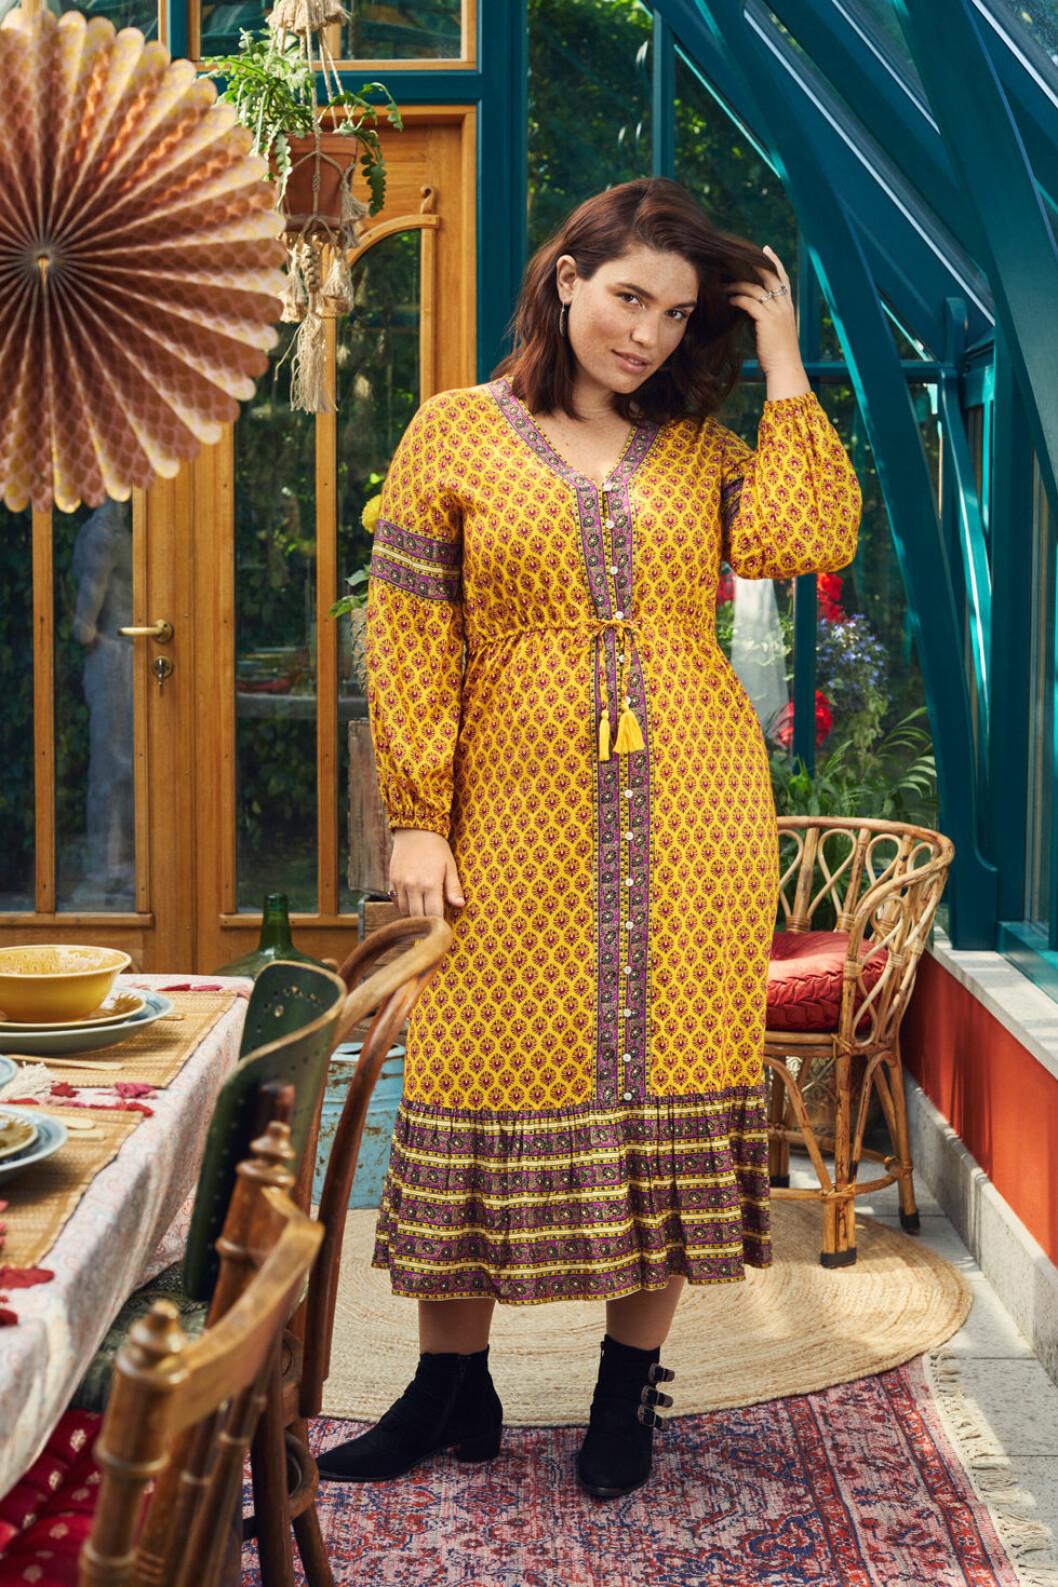 nya modeller med olika kroppstyper efter kritiken mot Indiska